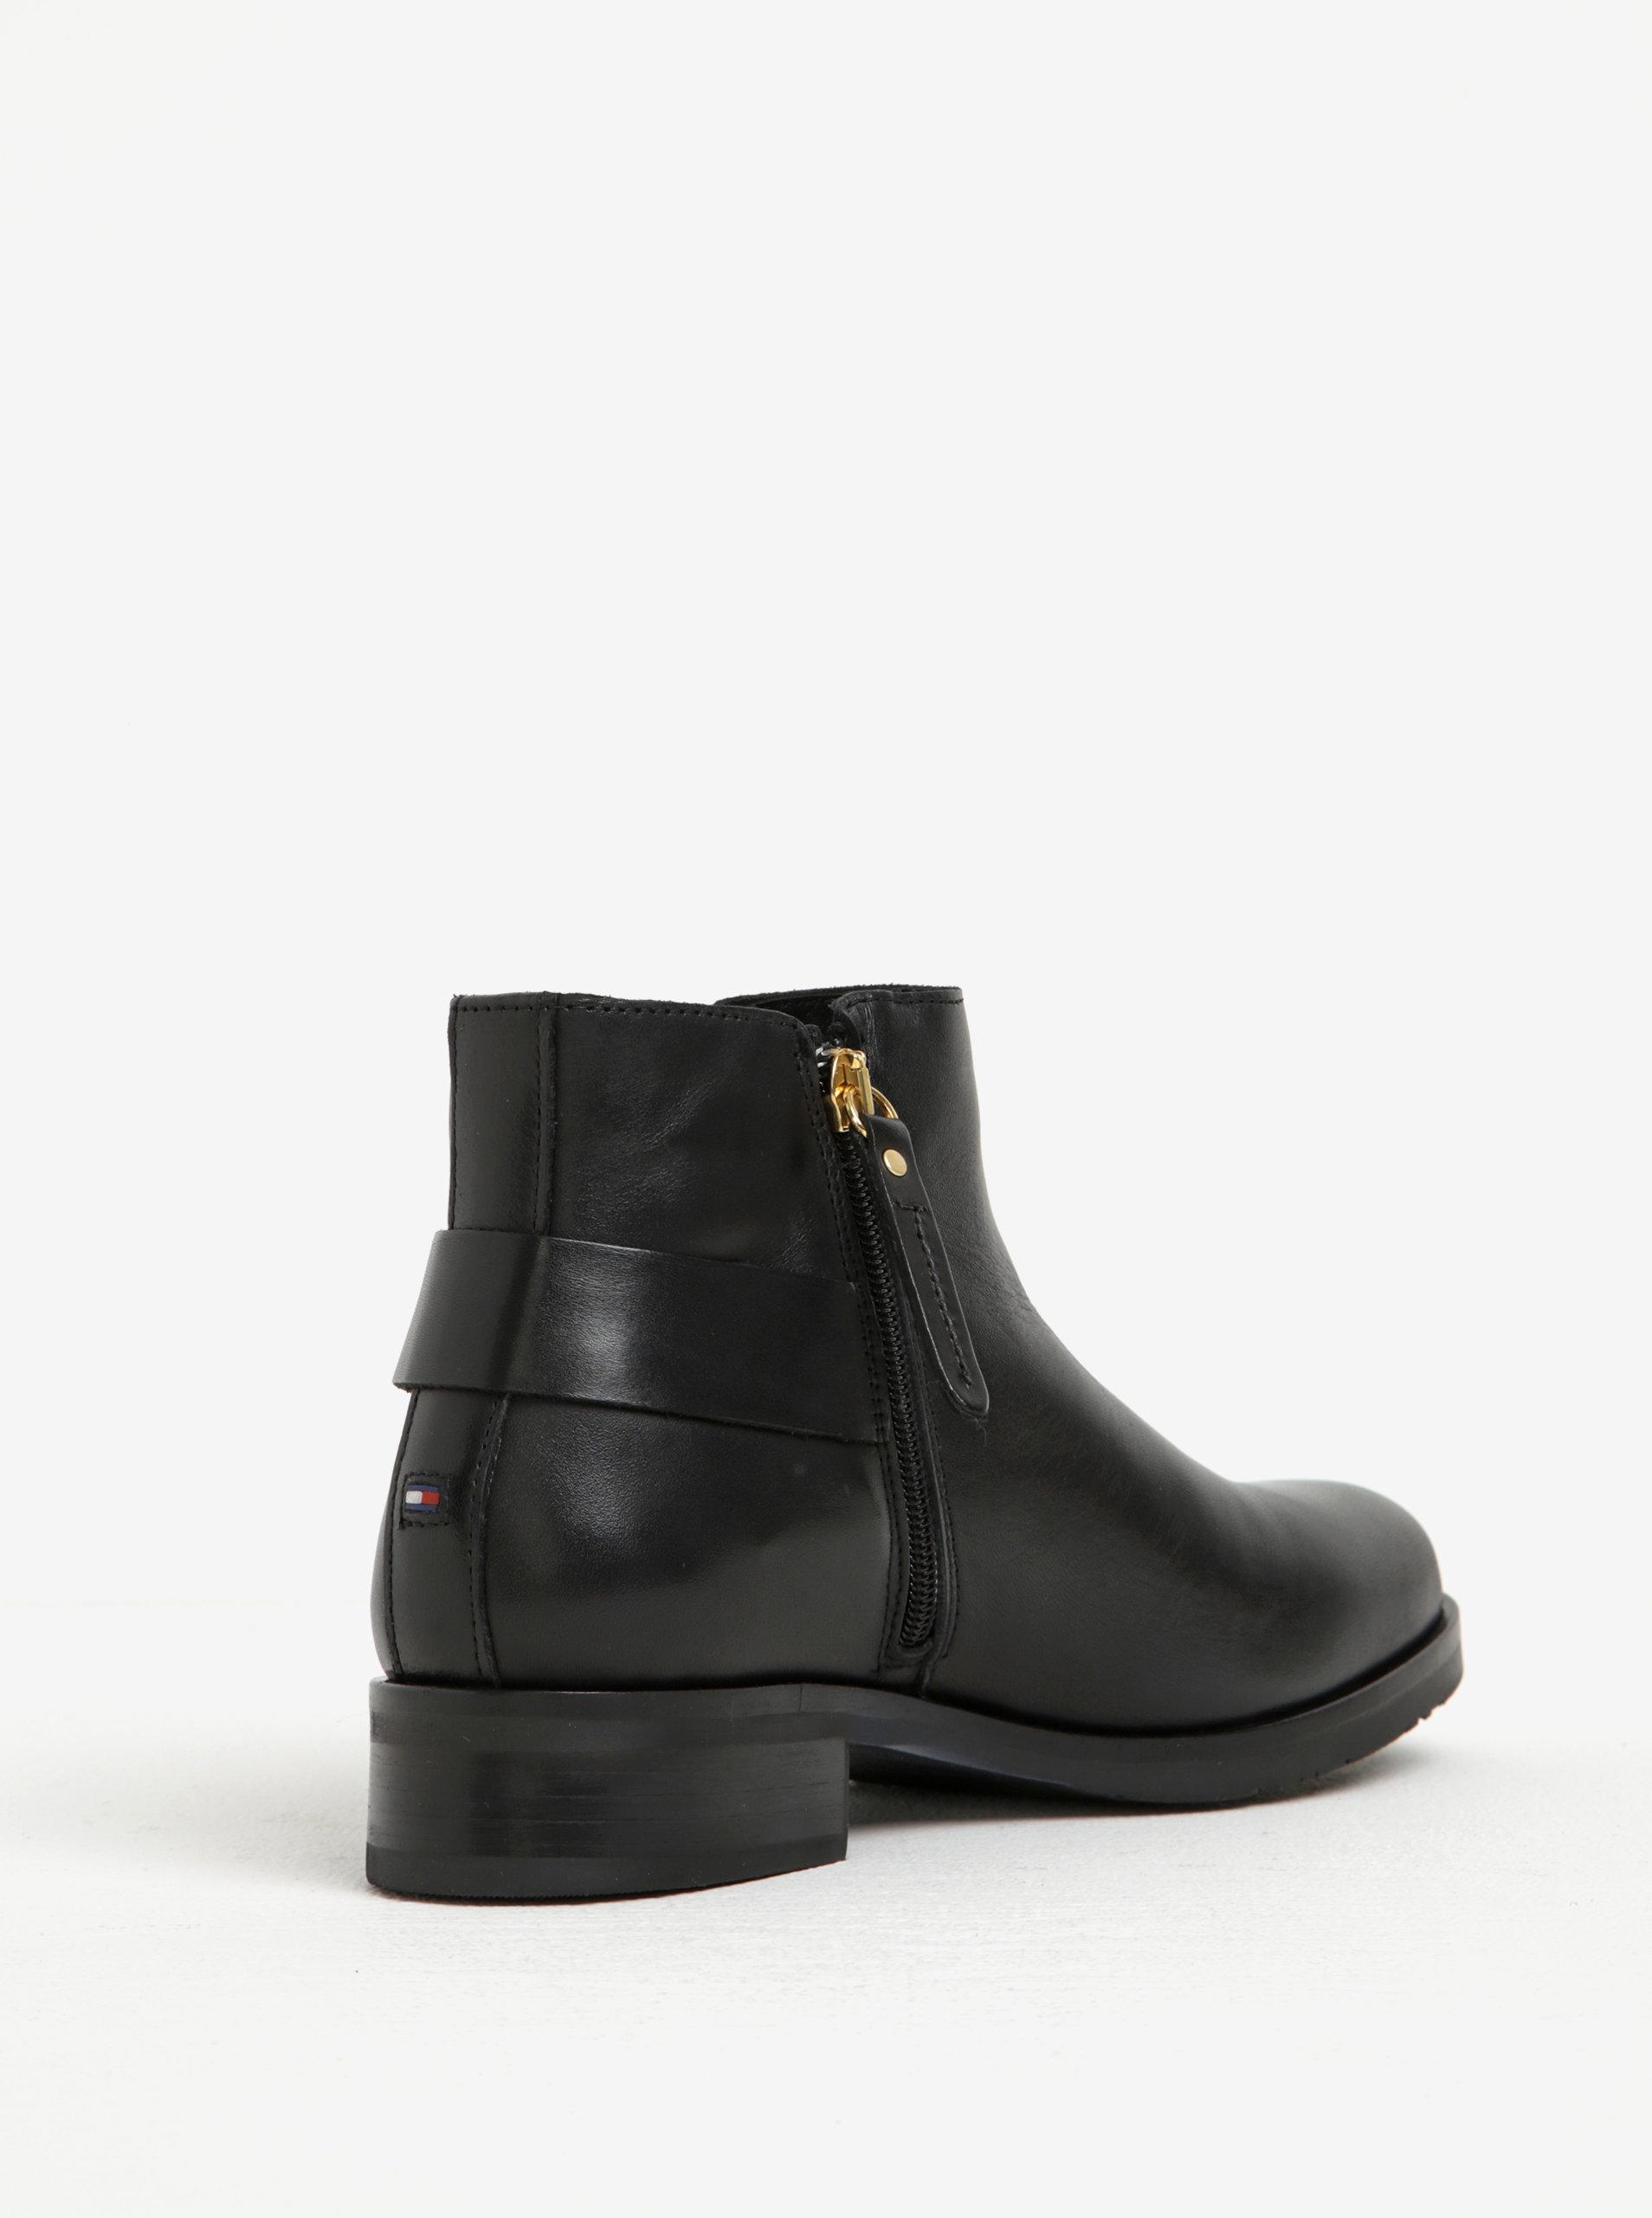 Černé dámské kožené kotníkové boty s přezkou Tommy Hilfiger Tessa ... acd9a95a291